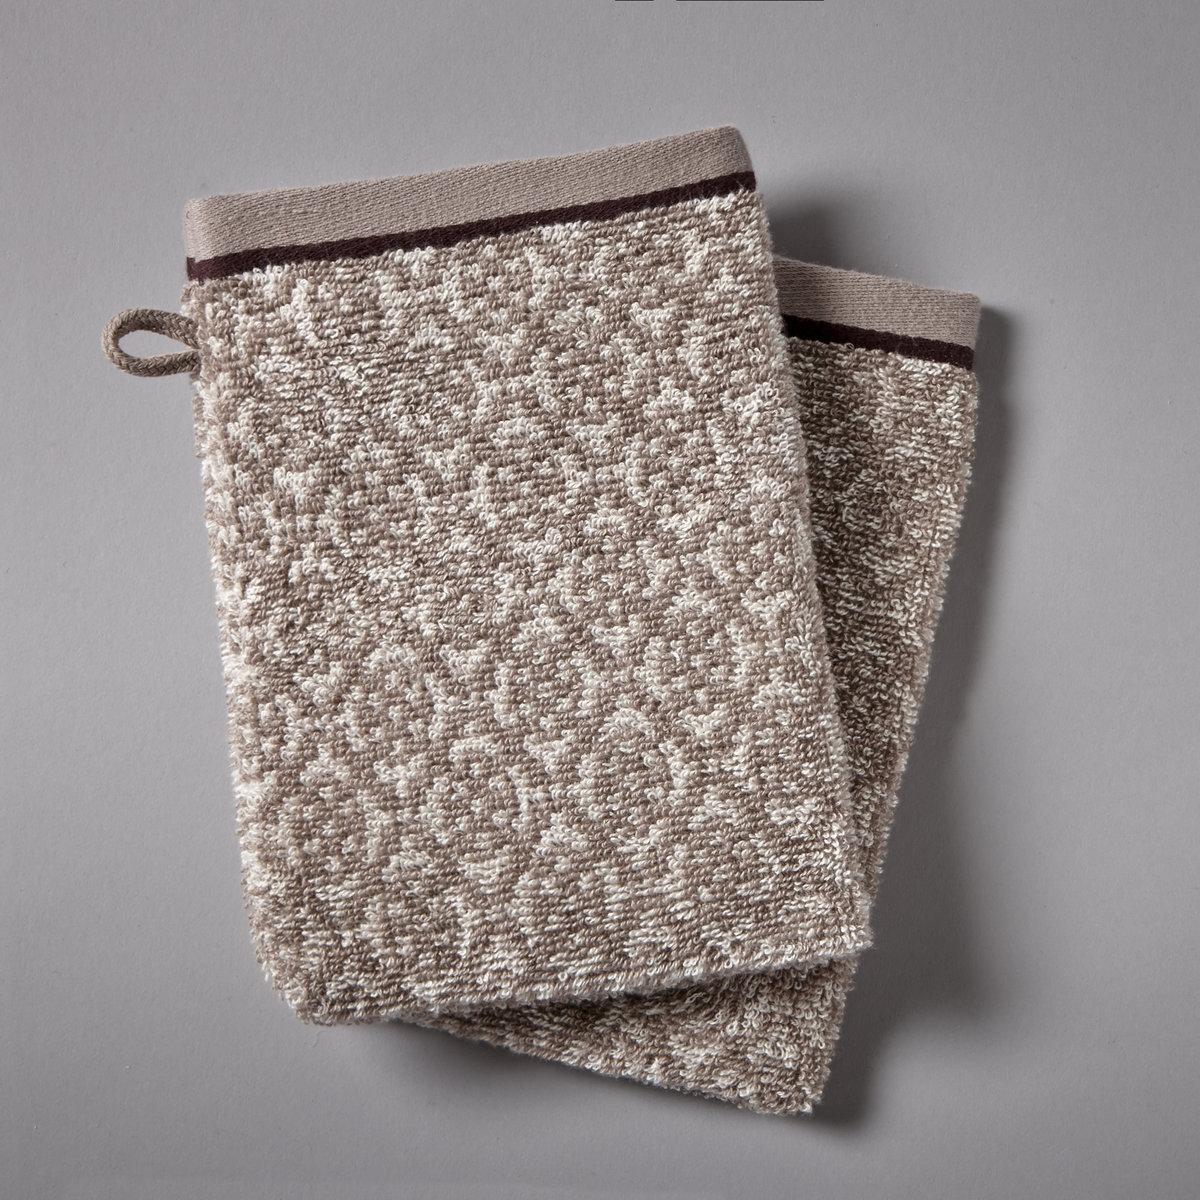 2 банные рукавички АЗЮЛЬЖОБанные рукавички из жаккардовой махровой ткани 500 г/м?, 100% хлопка. Ультрамягкие и нежные, КАЧЕСТВО BEST.Контрастные рисунки в восточном стиле. однотонные края. Стирка при 60°.Размеры банной рукавички: 15 x 21 см.<br><br>Цвет: серо-коричневый